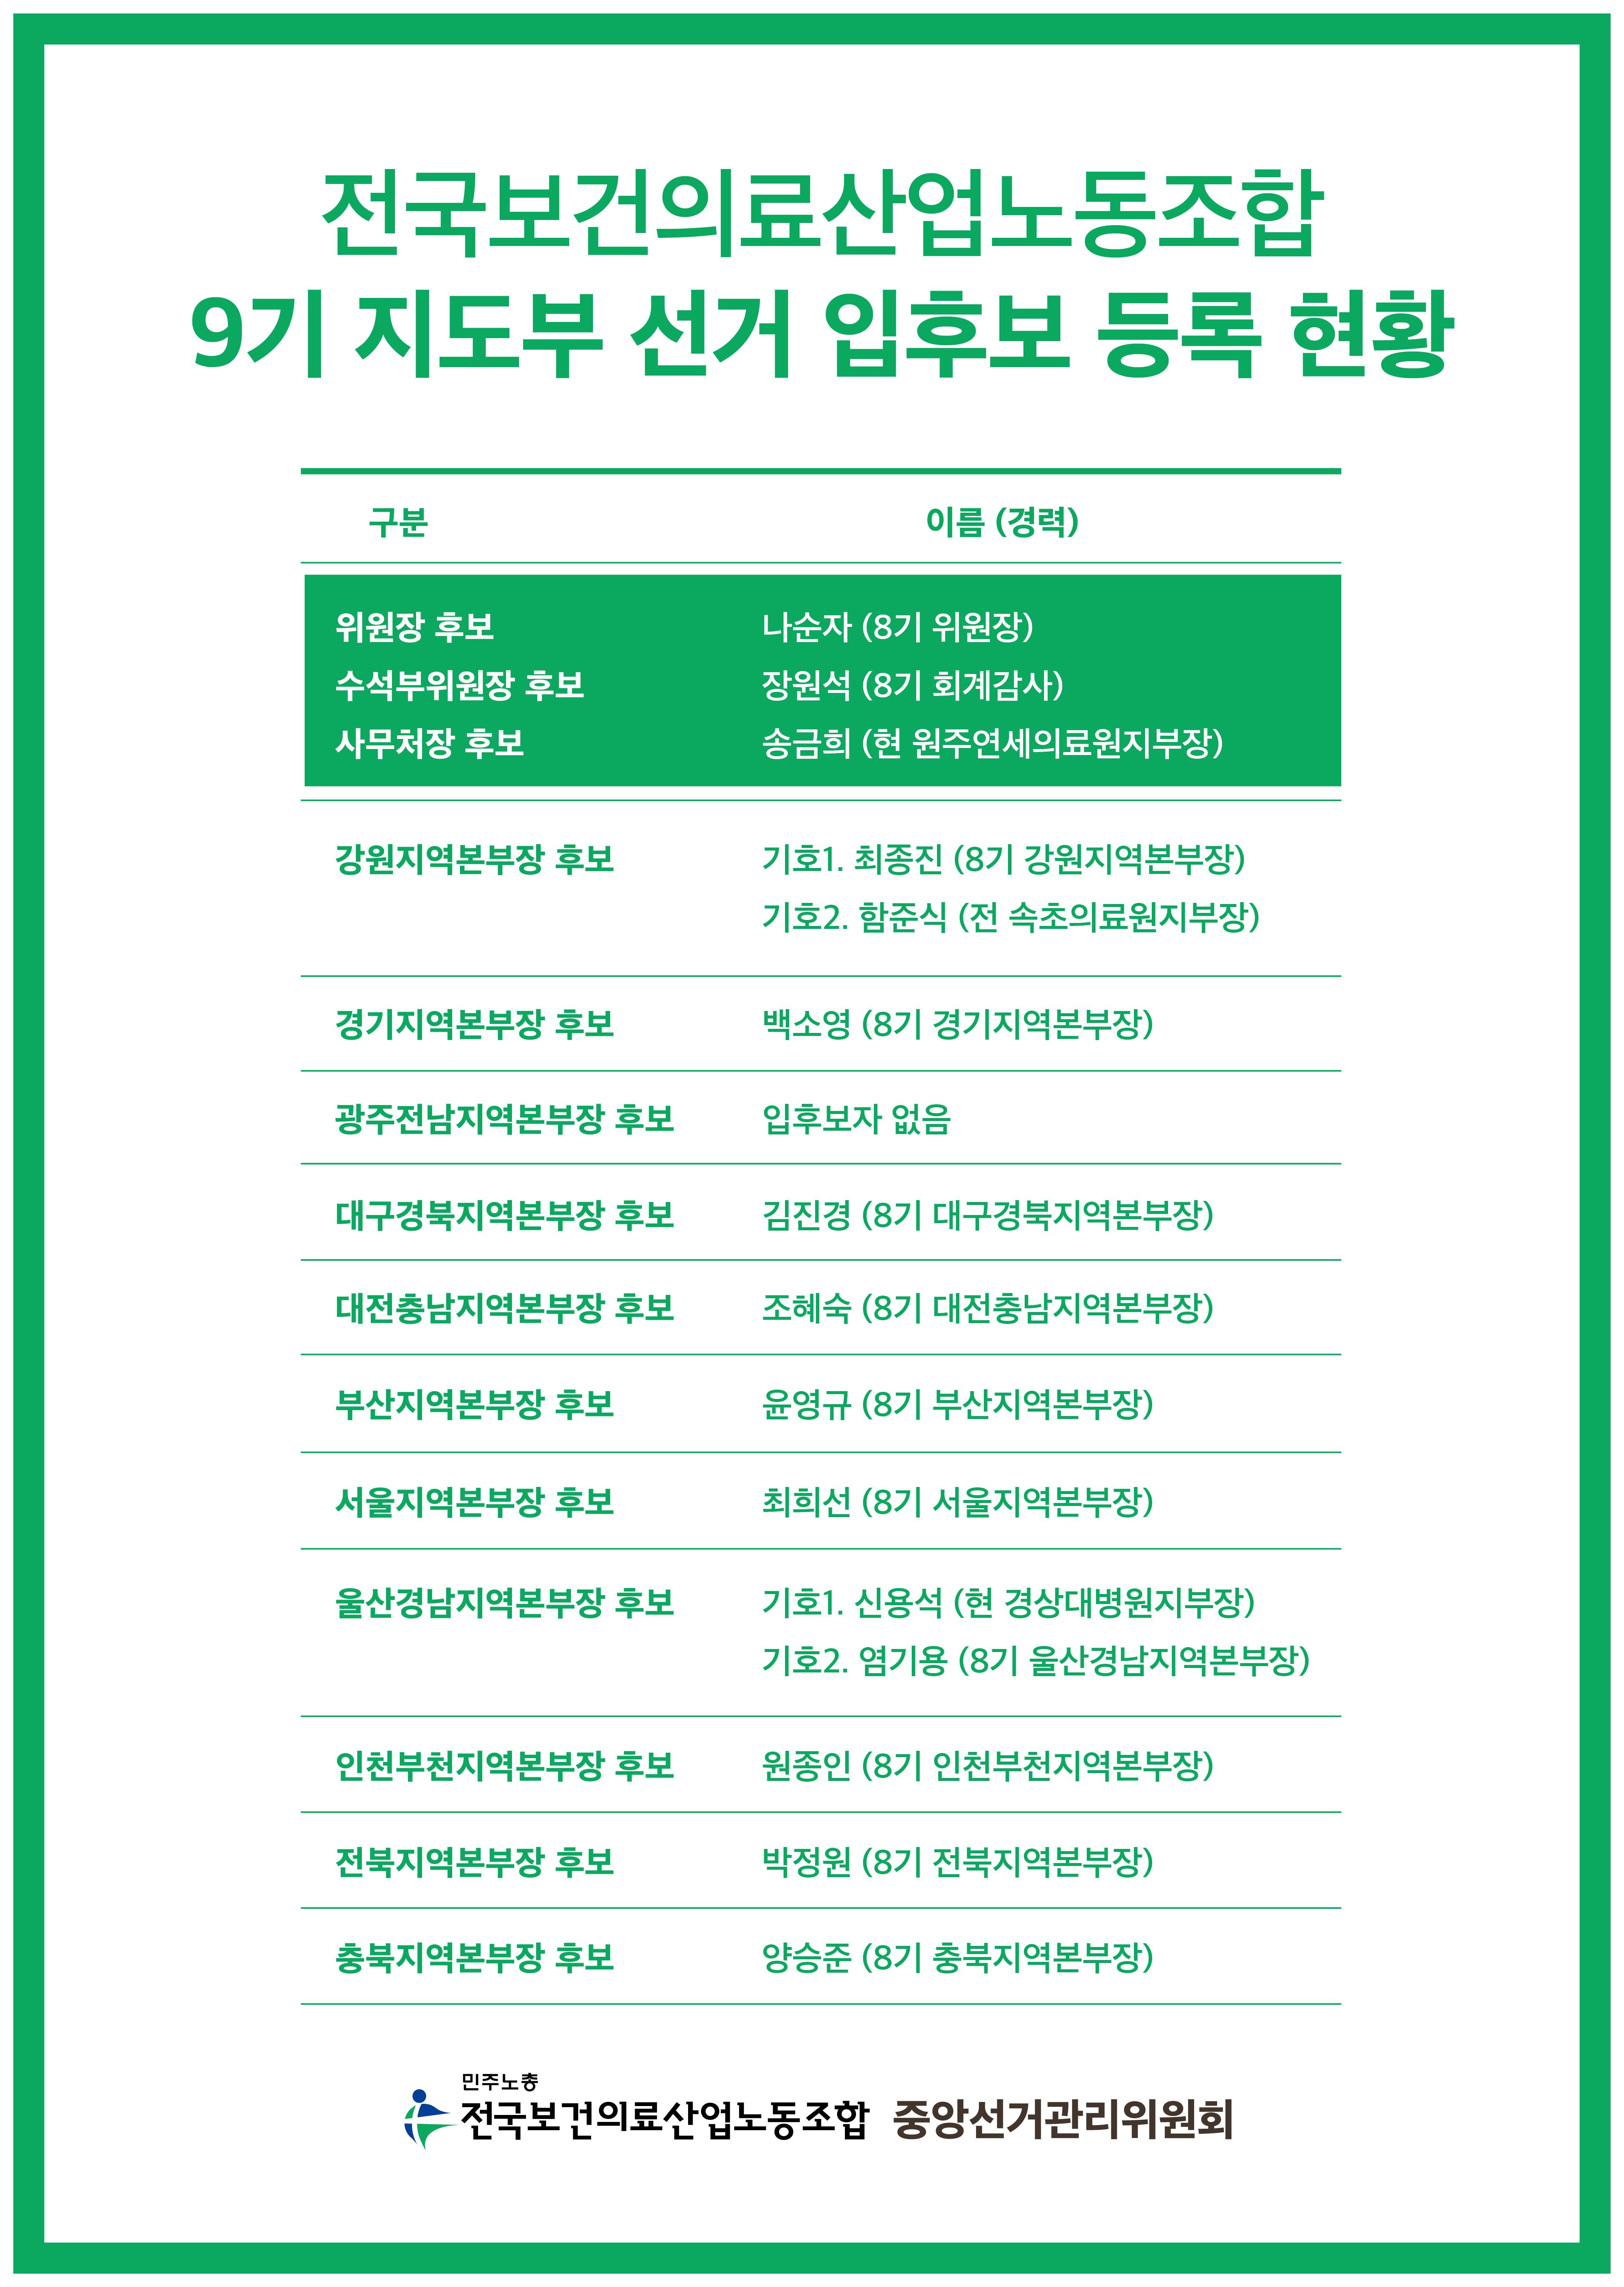 9기지도부 입후보현황_대지 1 사본.png